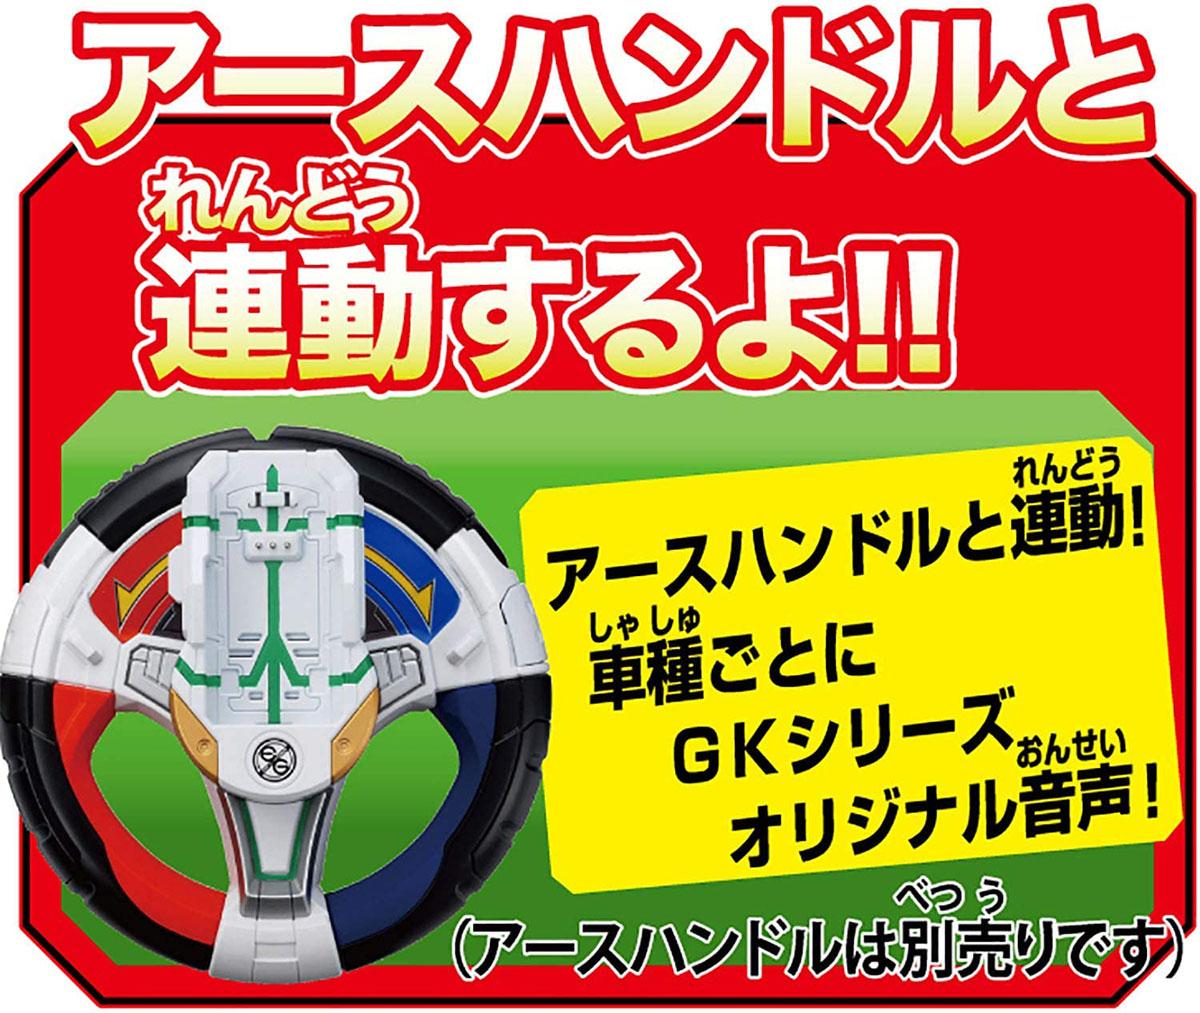 【食玩】トミカ絆合体 アースグランナー『GKコアグランナートミカ』10個入りBOX-004